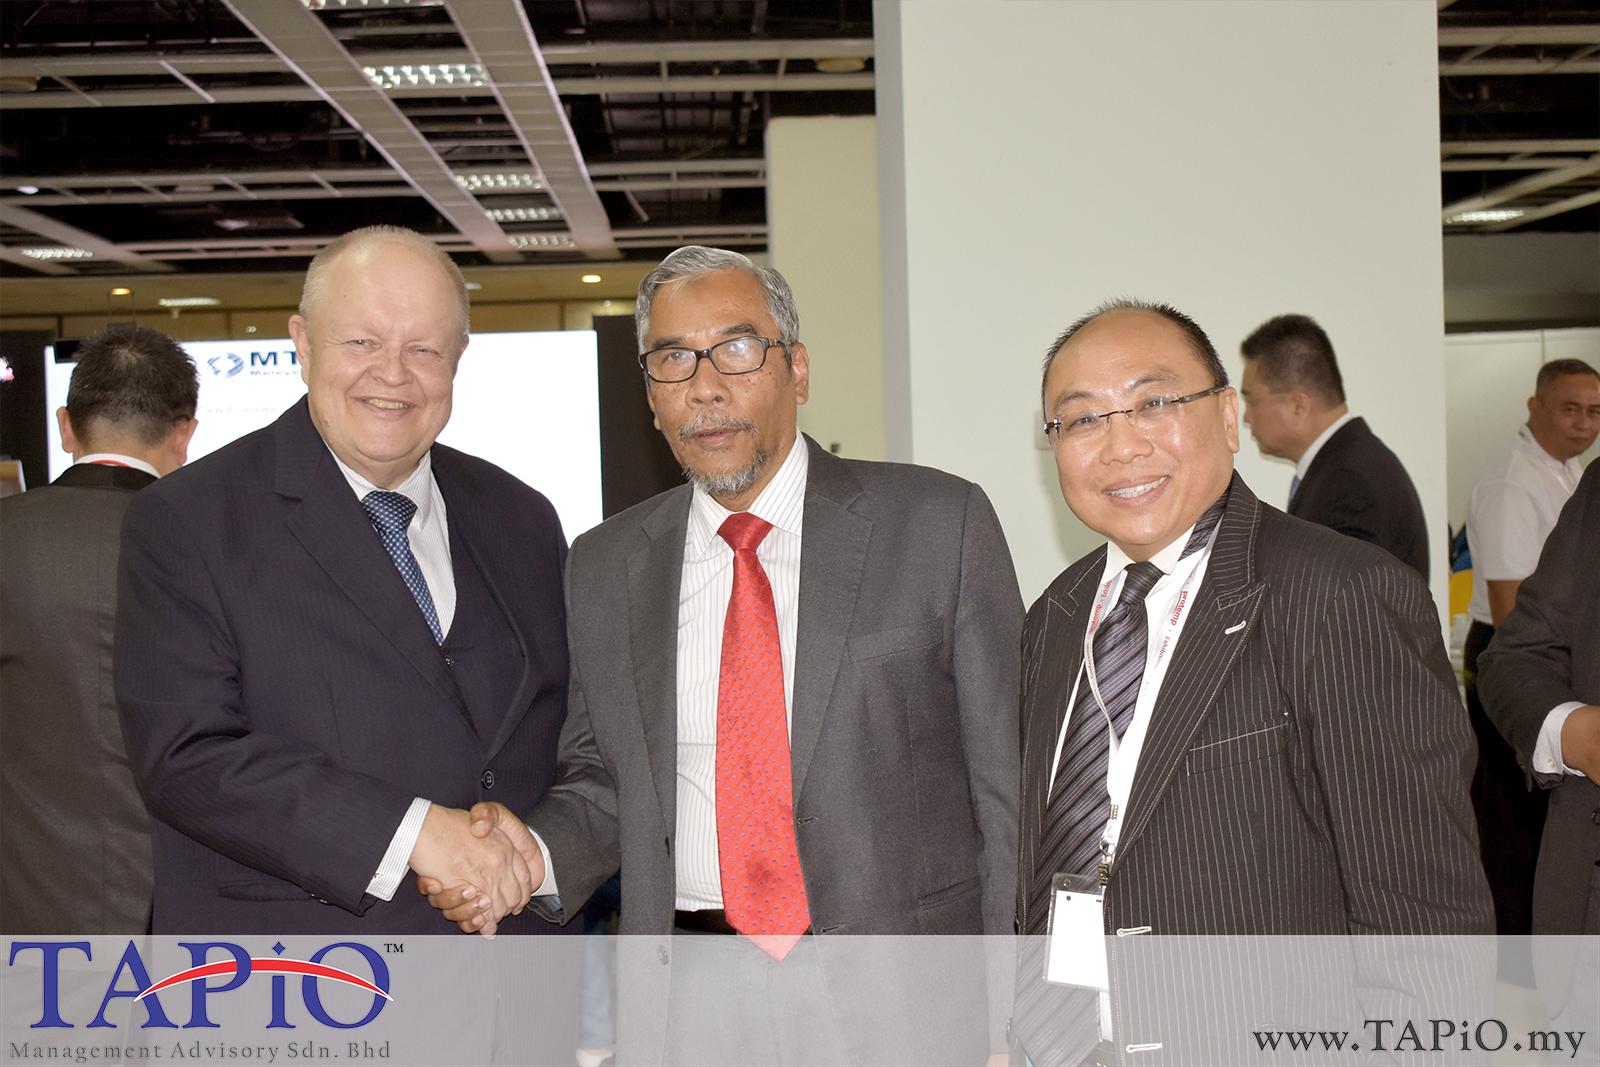 Malaysia Technology Expo - 21/02/2019 (3)